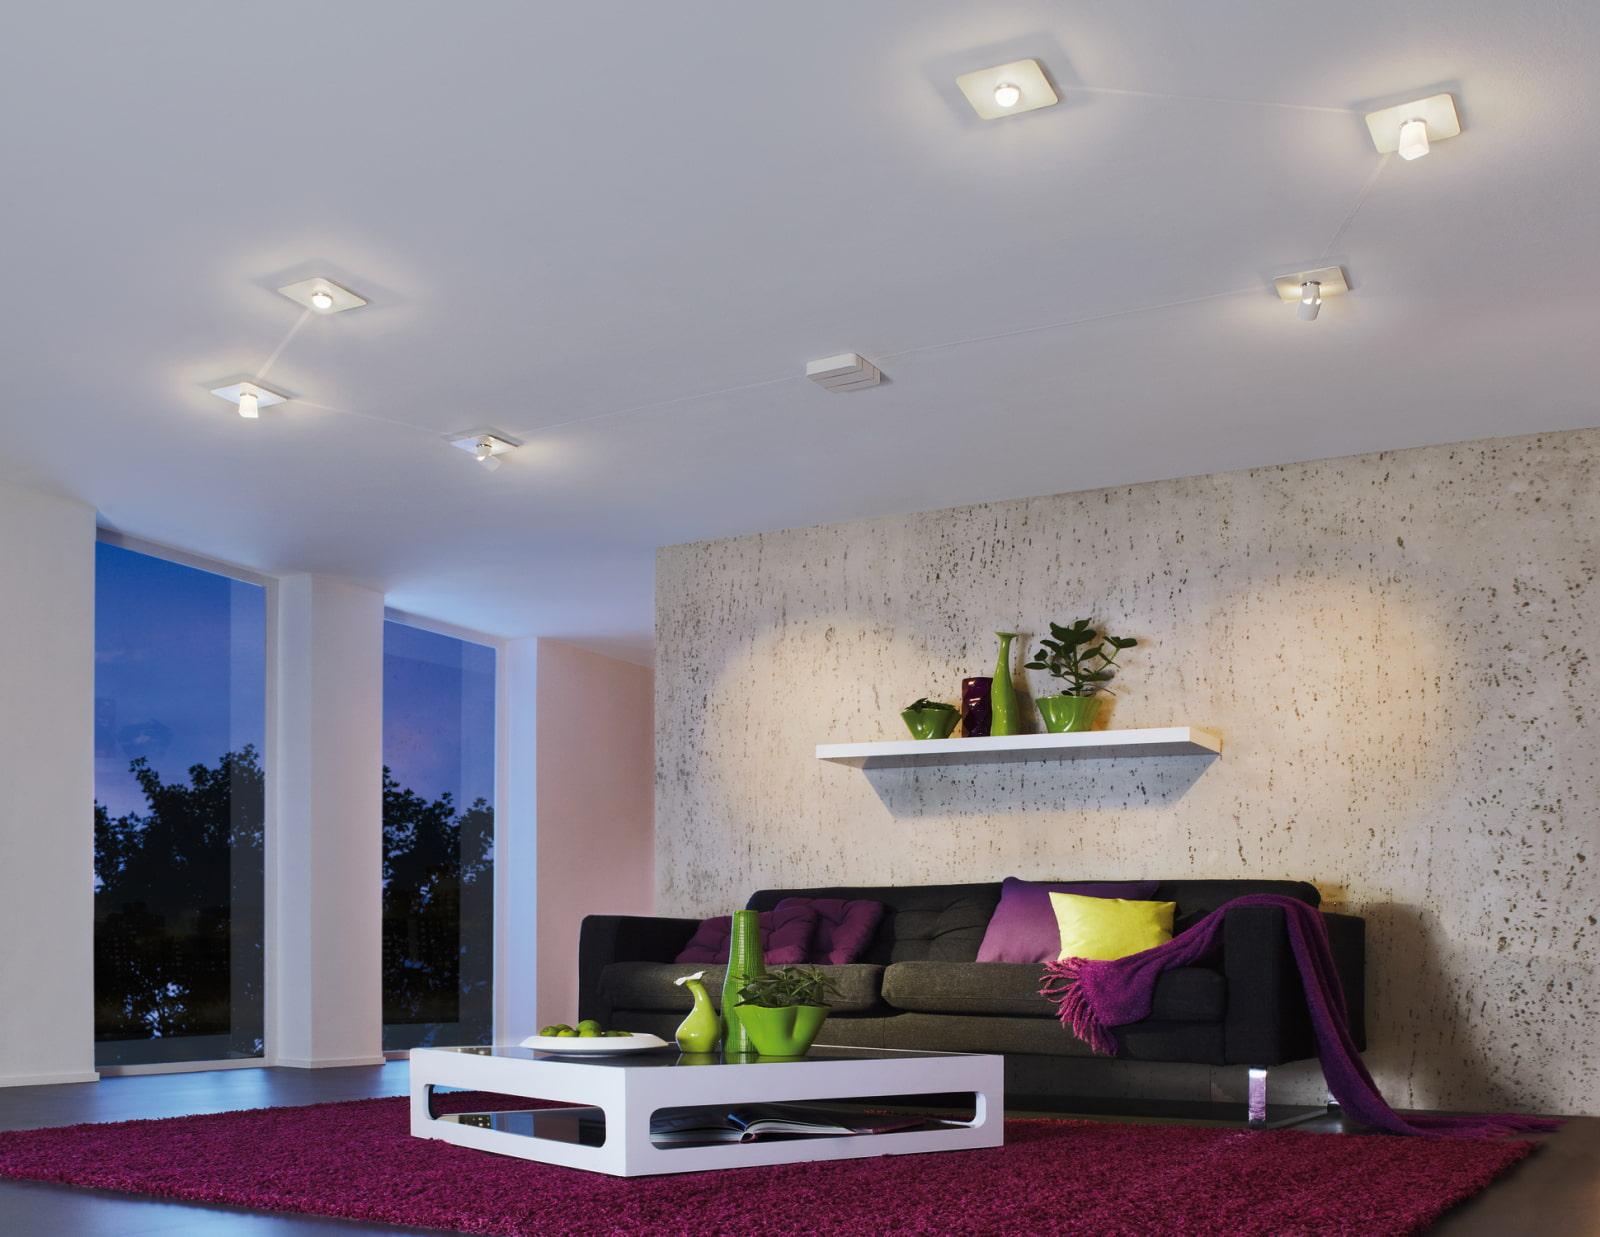 тщательно дизайн комнаты с кривым потолком фото решила поделиться своим